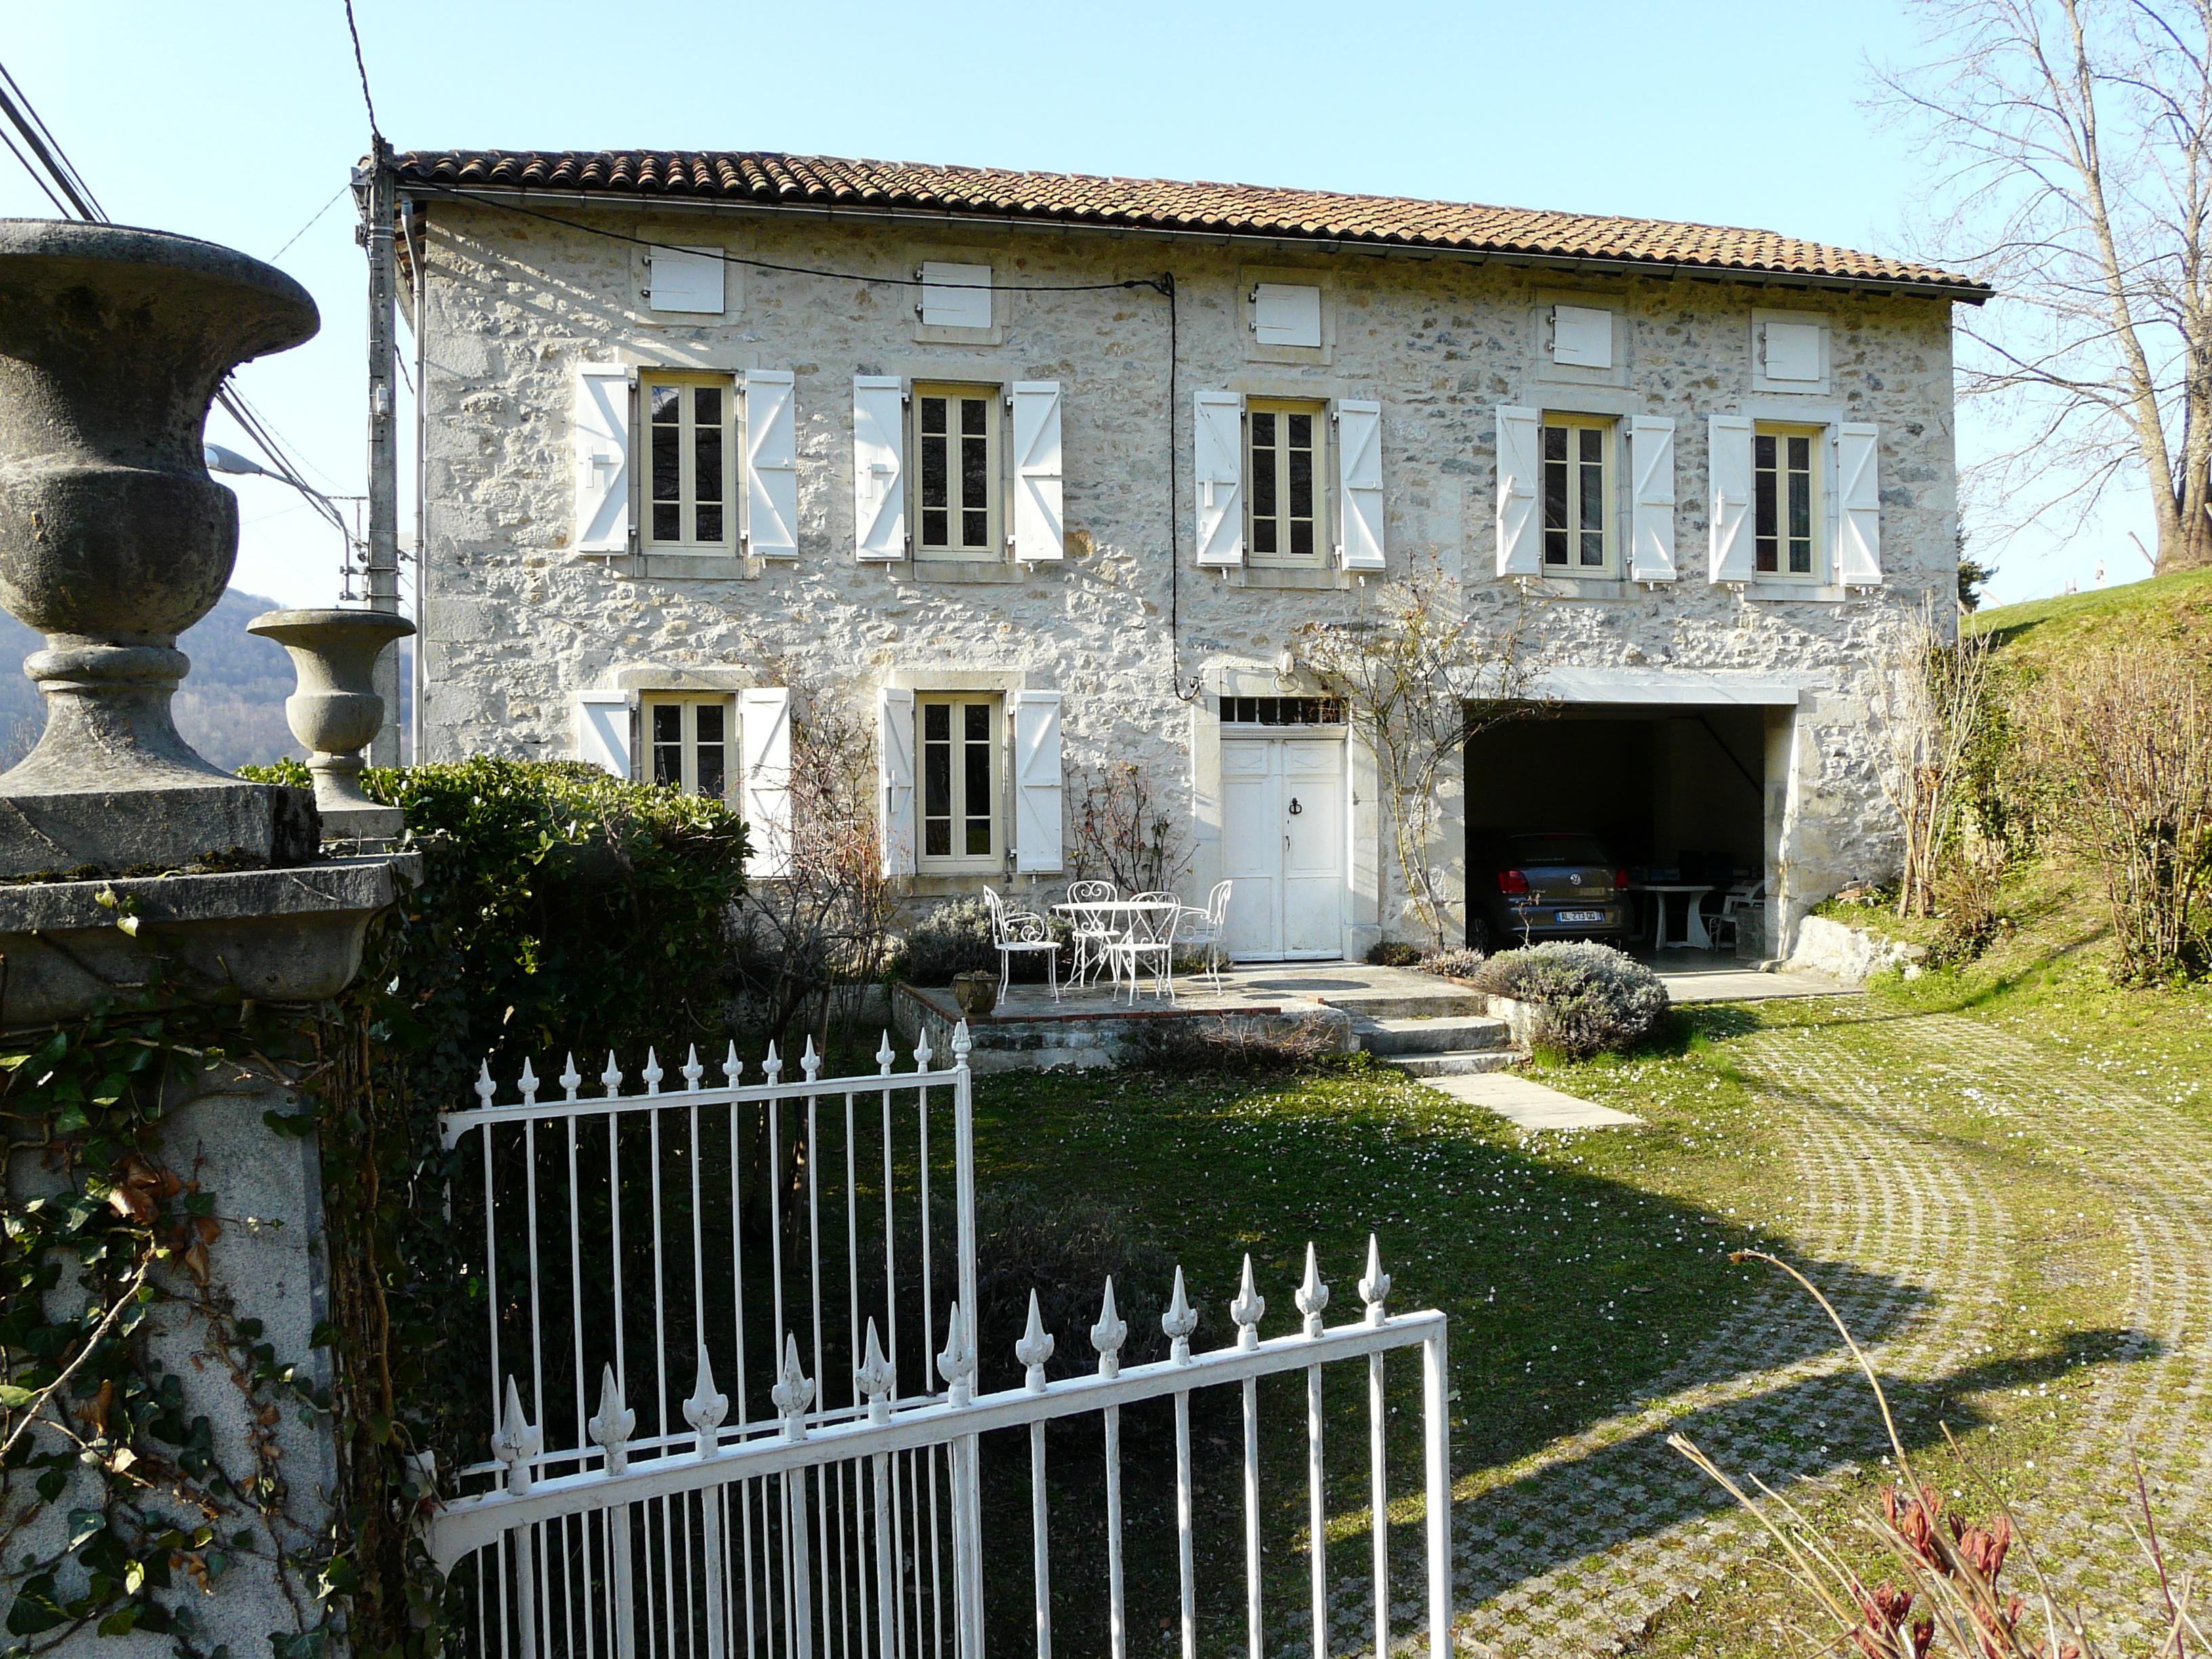 House_in_Pyrenees_KSherman.jpg